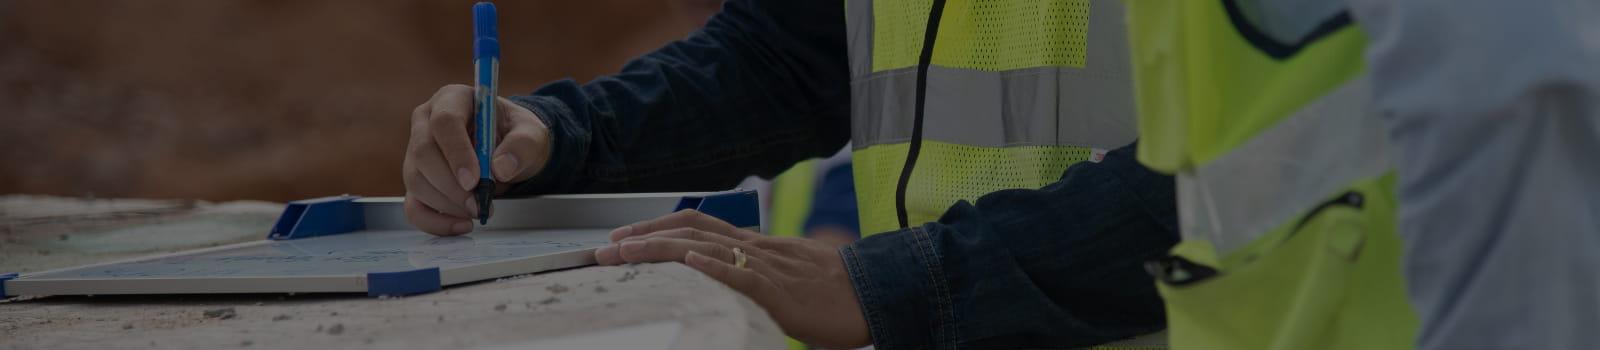 LTCAT - Laudo Técnico das Condições Ambientais de Trabalho: equipamentos de proteção.